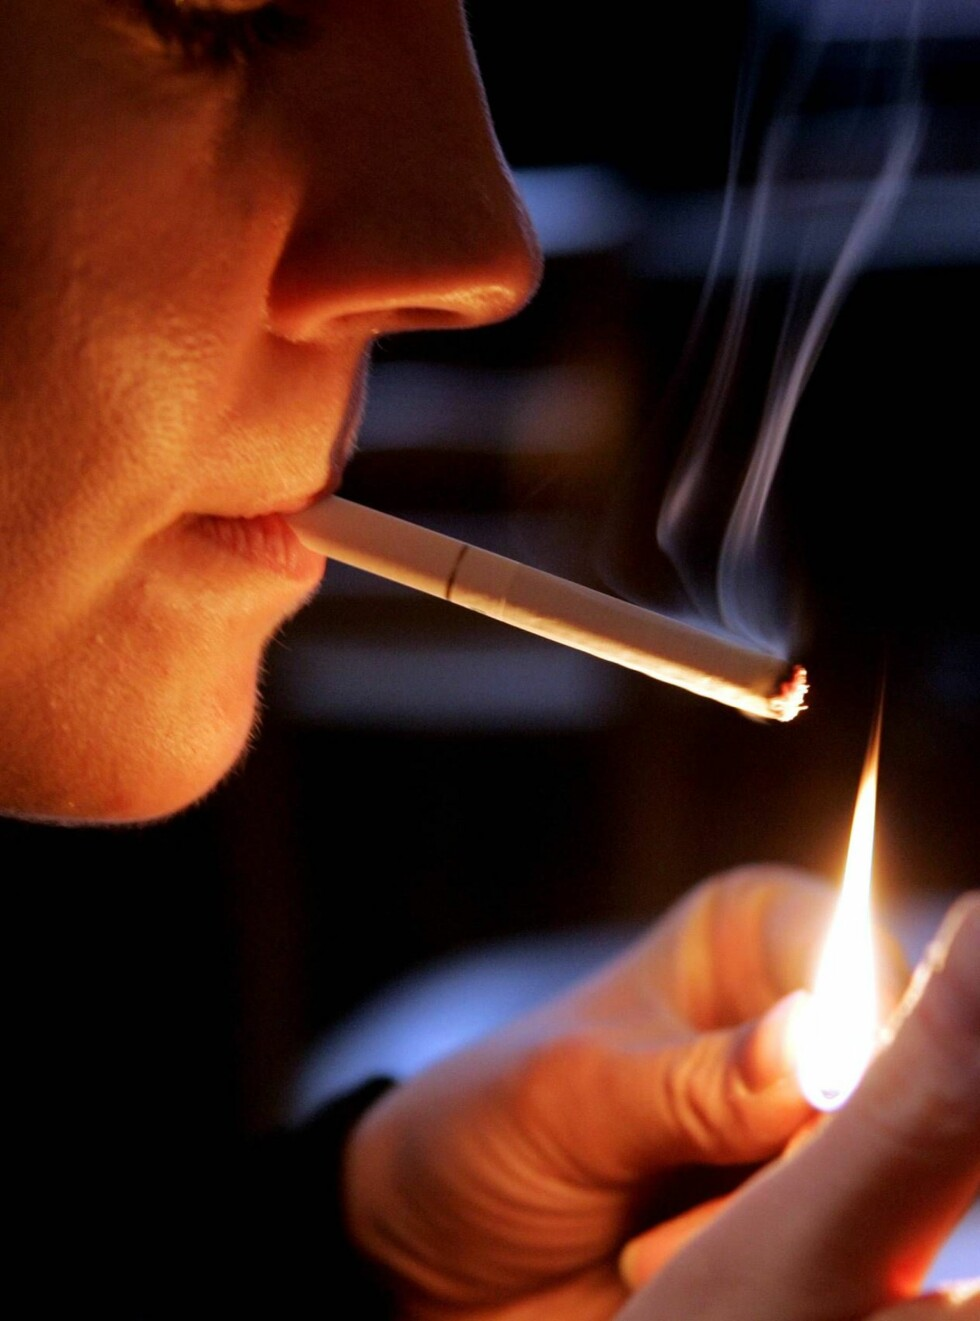 RØYKER: Pasienter som ønsket å stumpe røyken, fikk Viagra på resept. Foto: AP/Scanpix